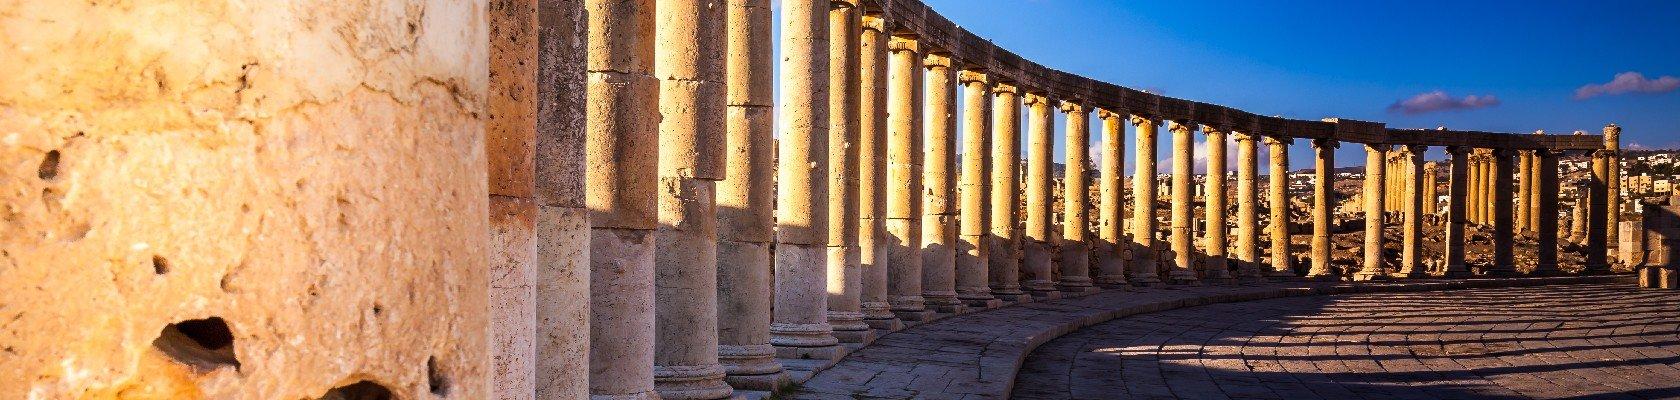 Jerash, het pompeï van het Midden-Oosten